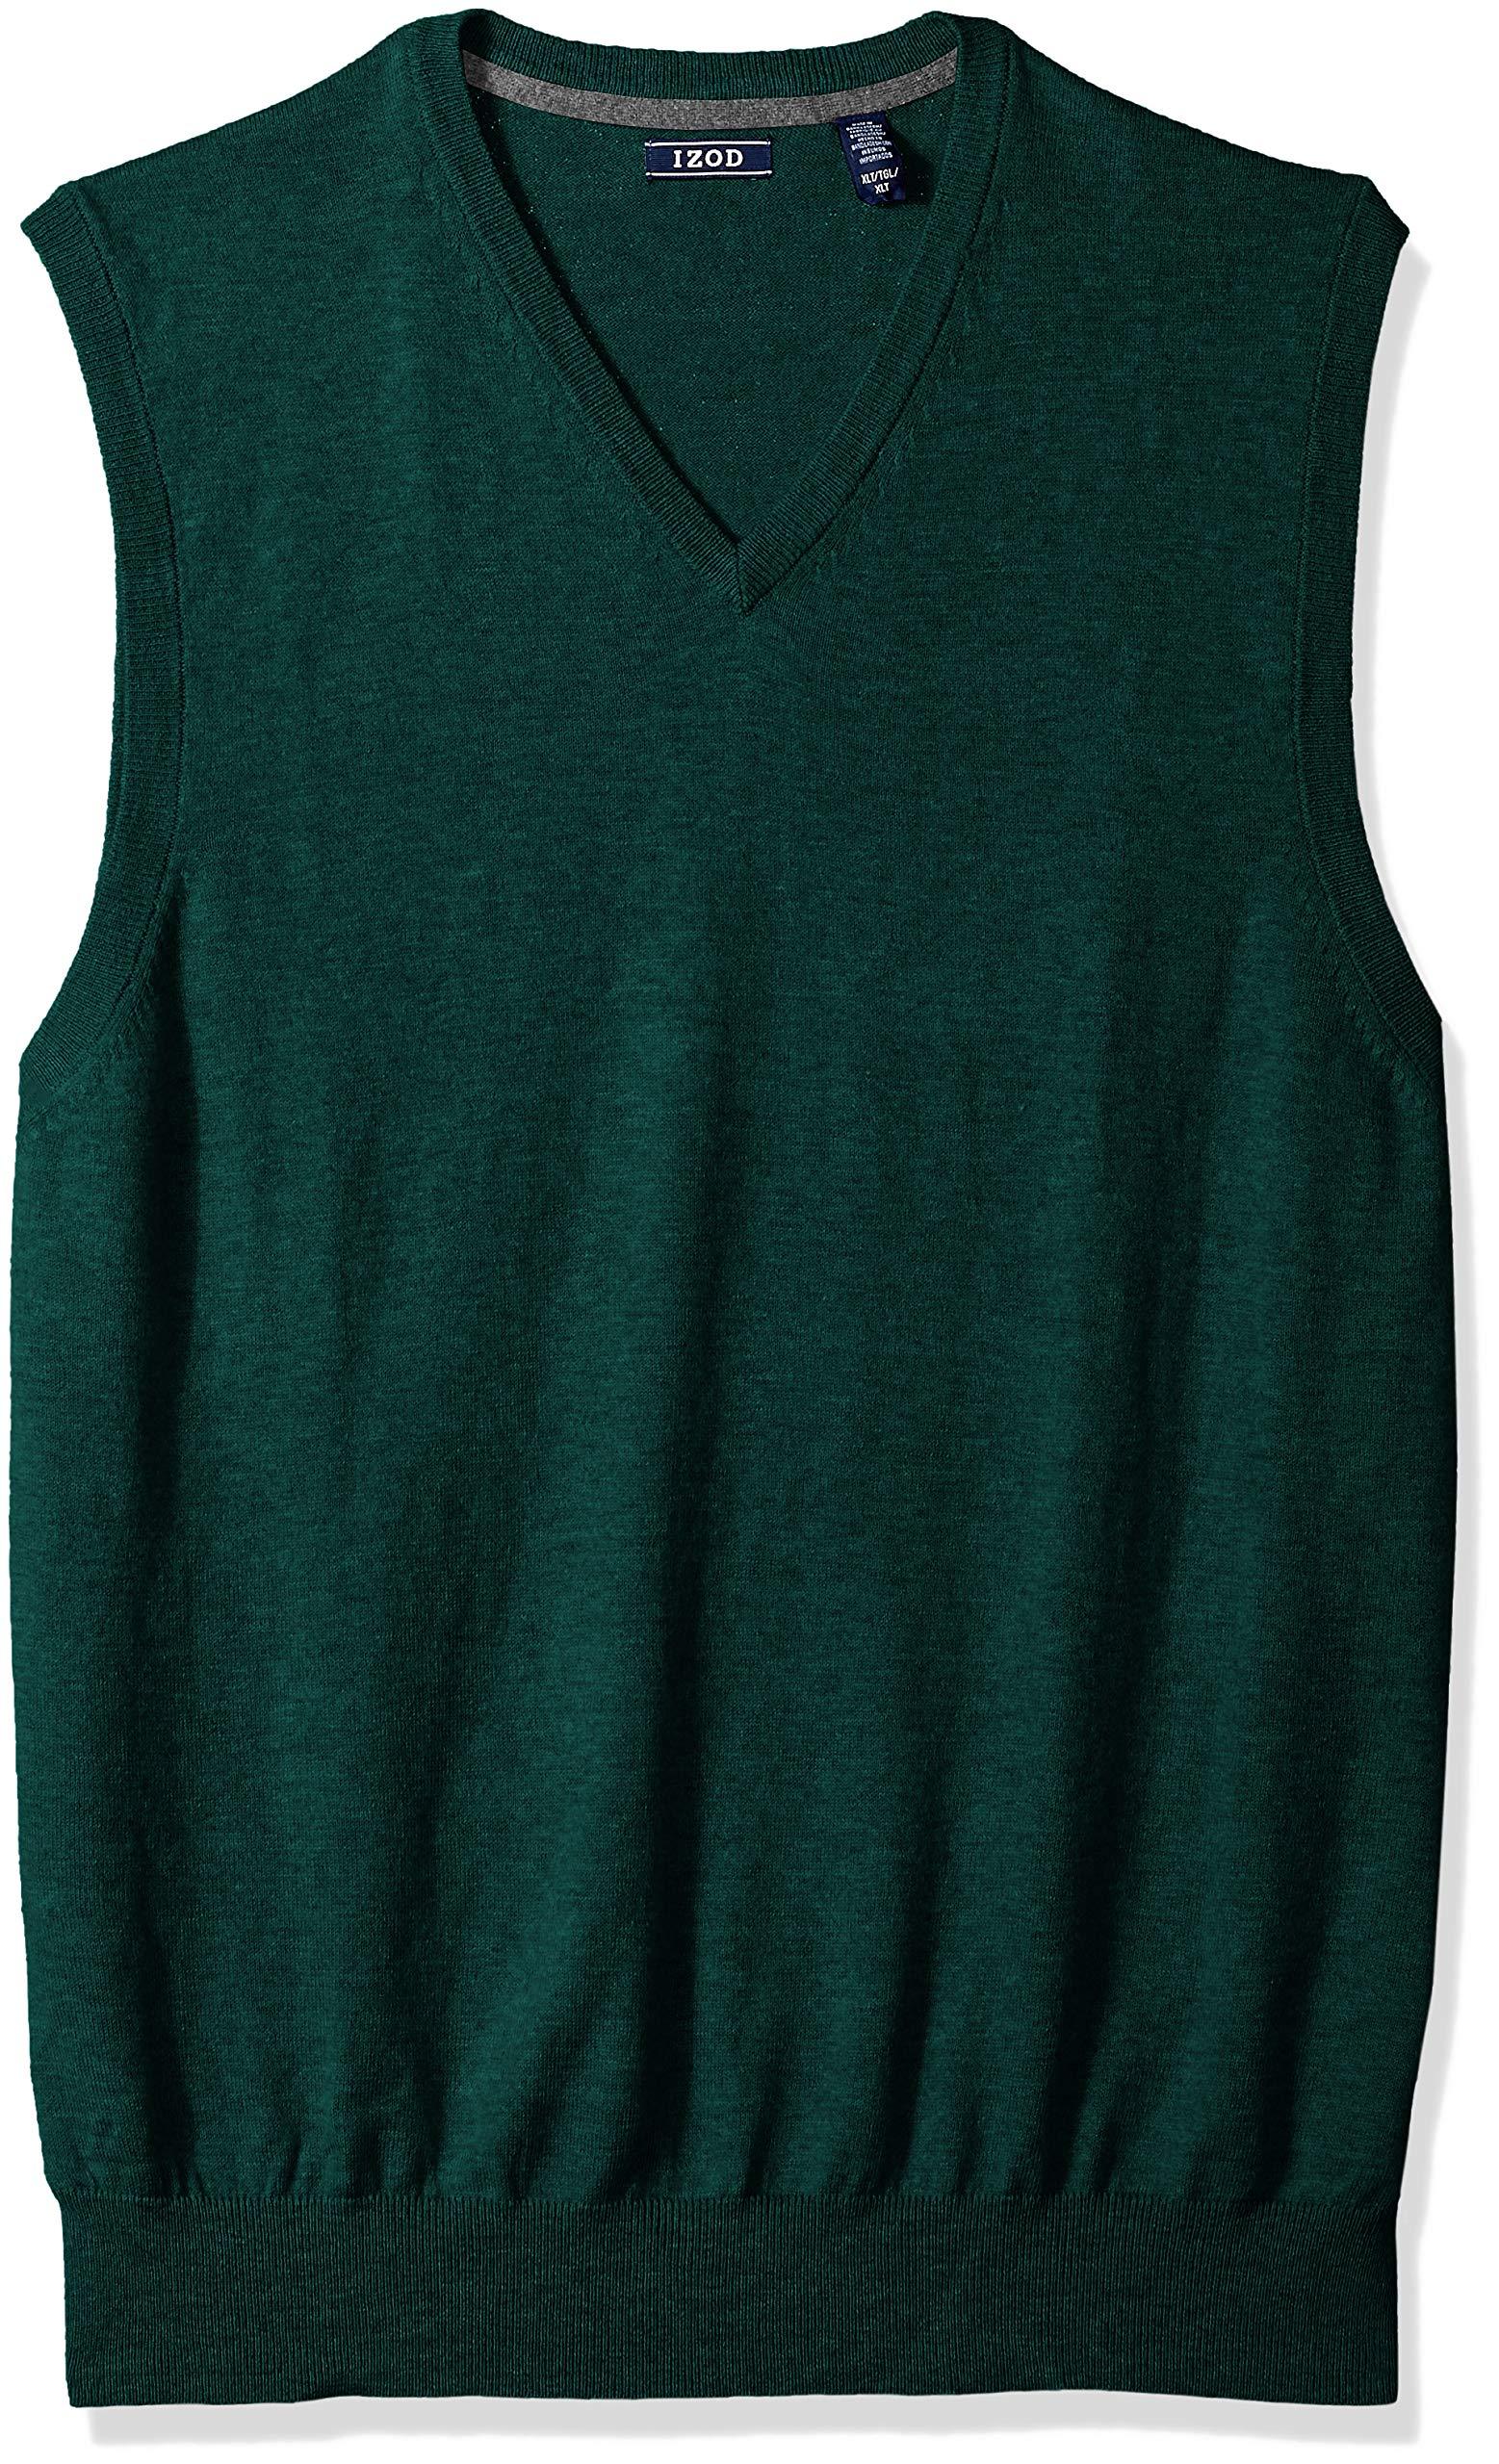 IZOD Men's Big and Tall Fine Gauge Solid Sweater Vest, Botanical Garden, 2X-Large